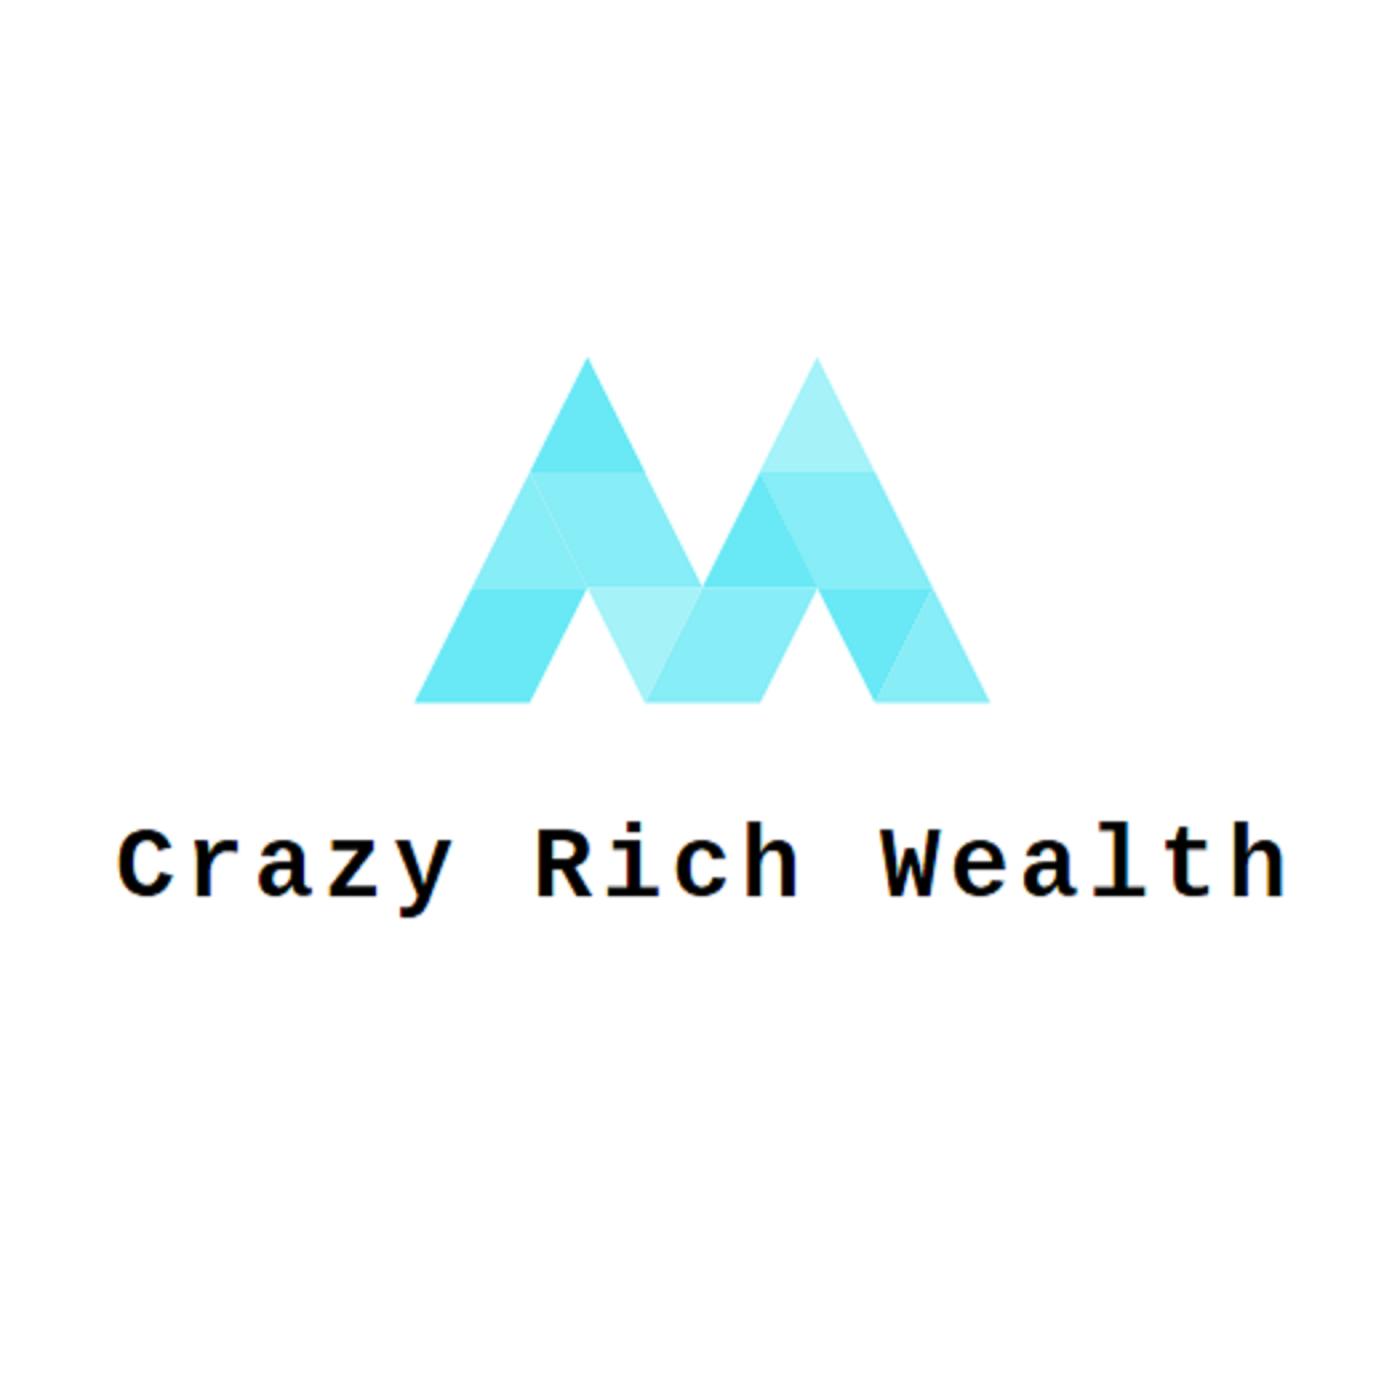 安全型投資者